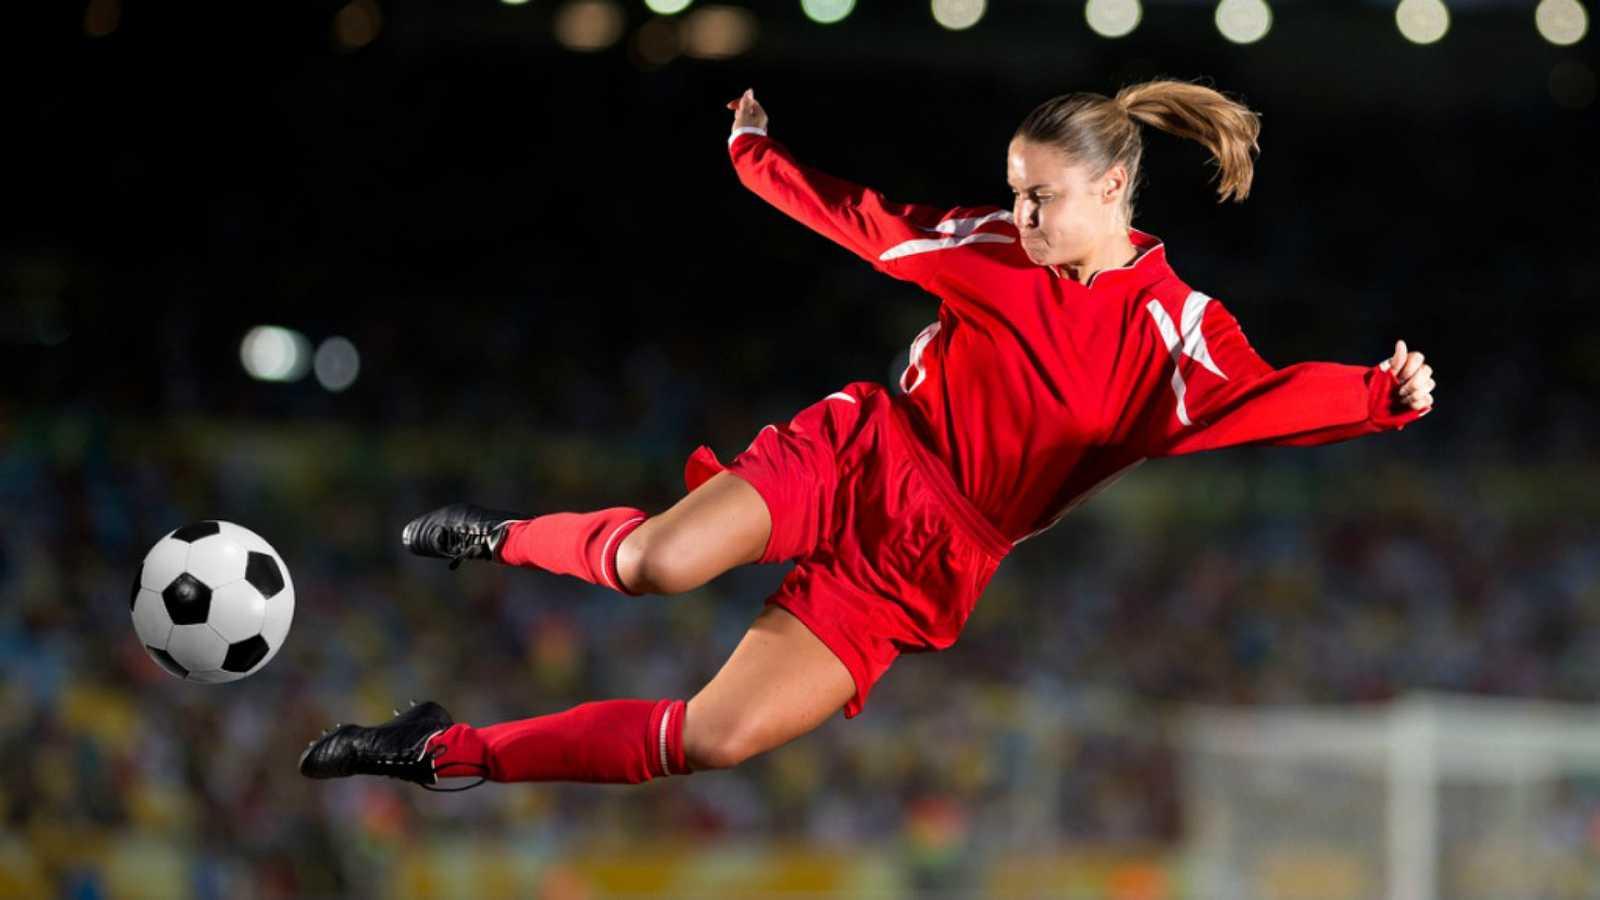 Diez minutos bien empleados - El fútbol femenino sin convenio y en huelga - 04/11/19 - Escuchar ahora